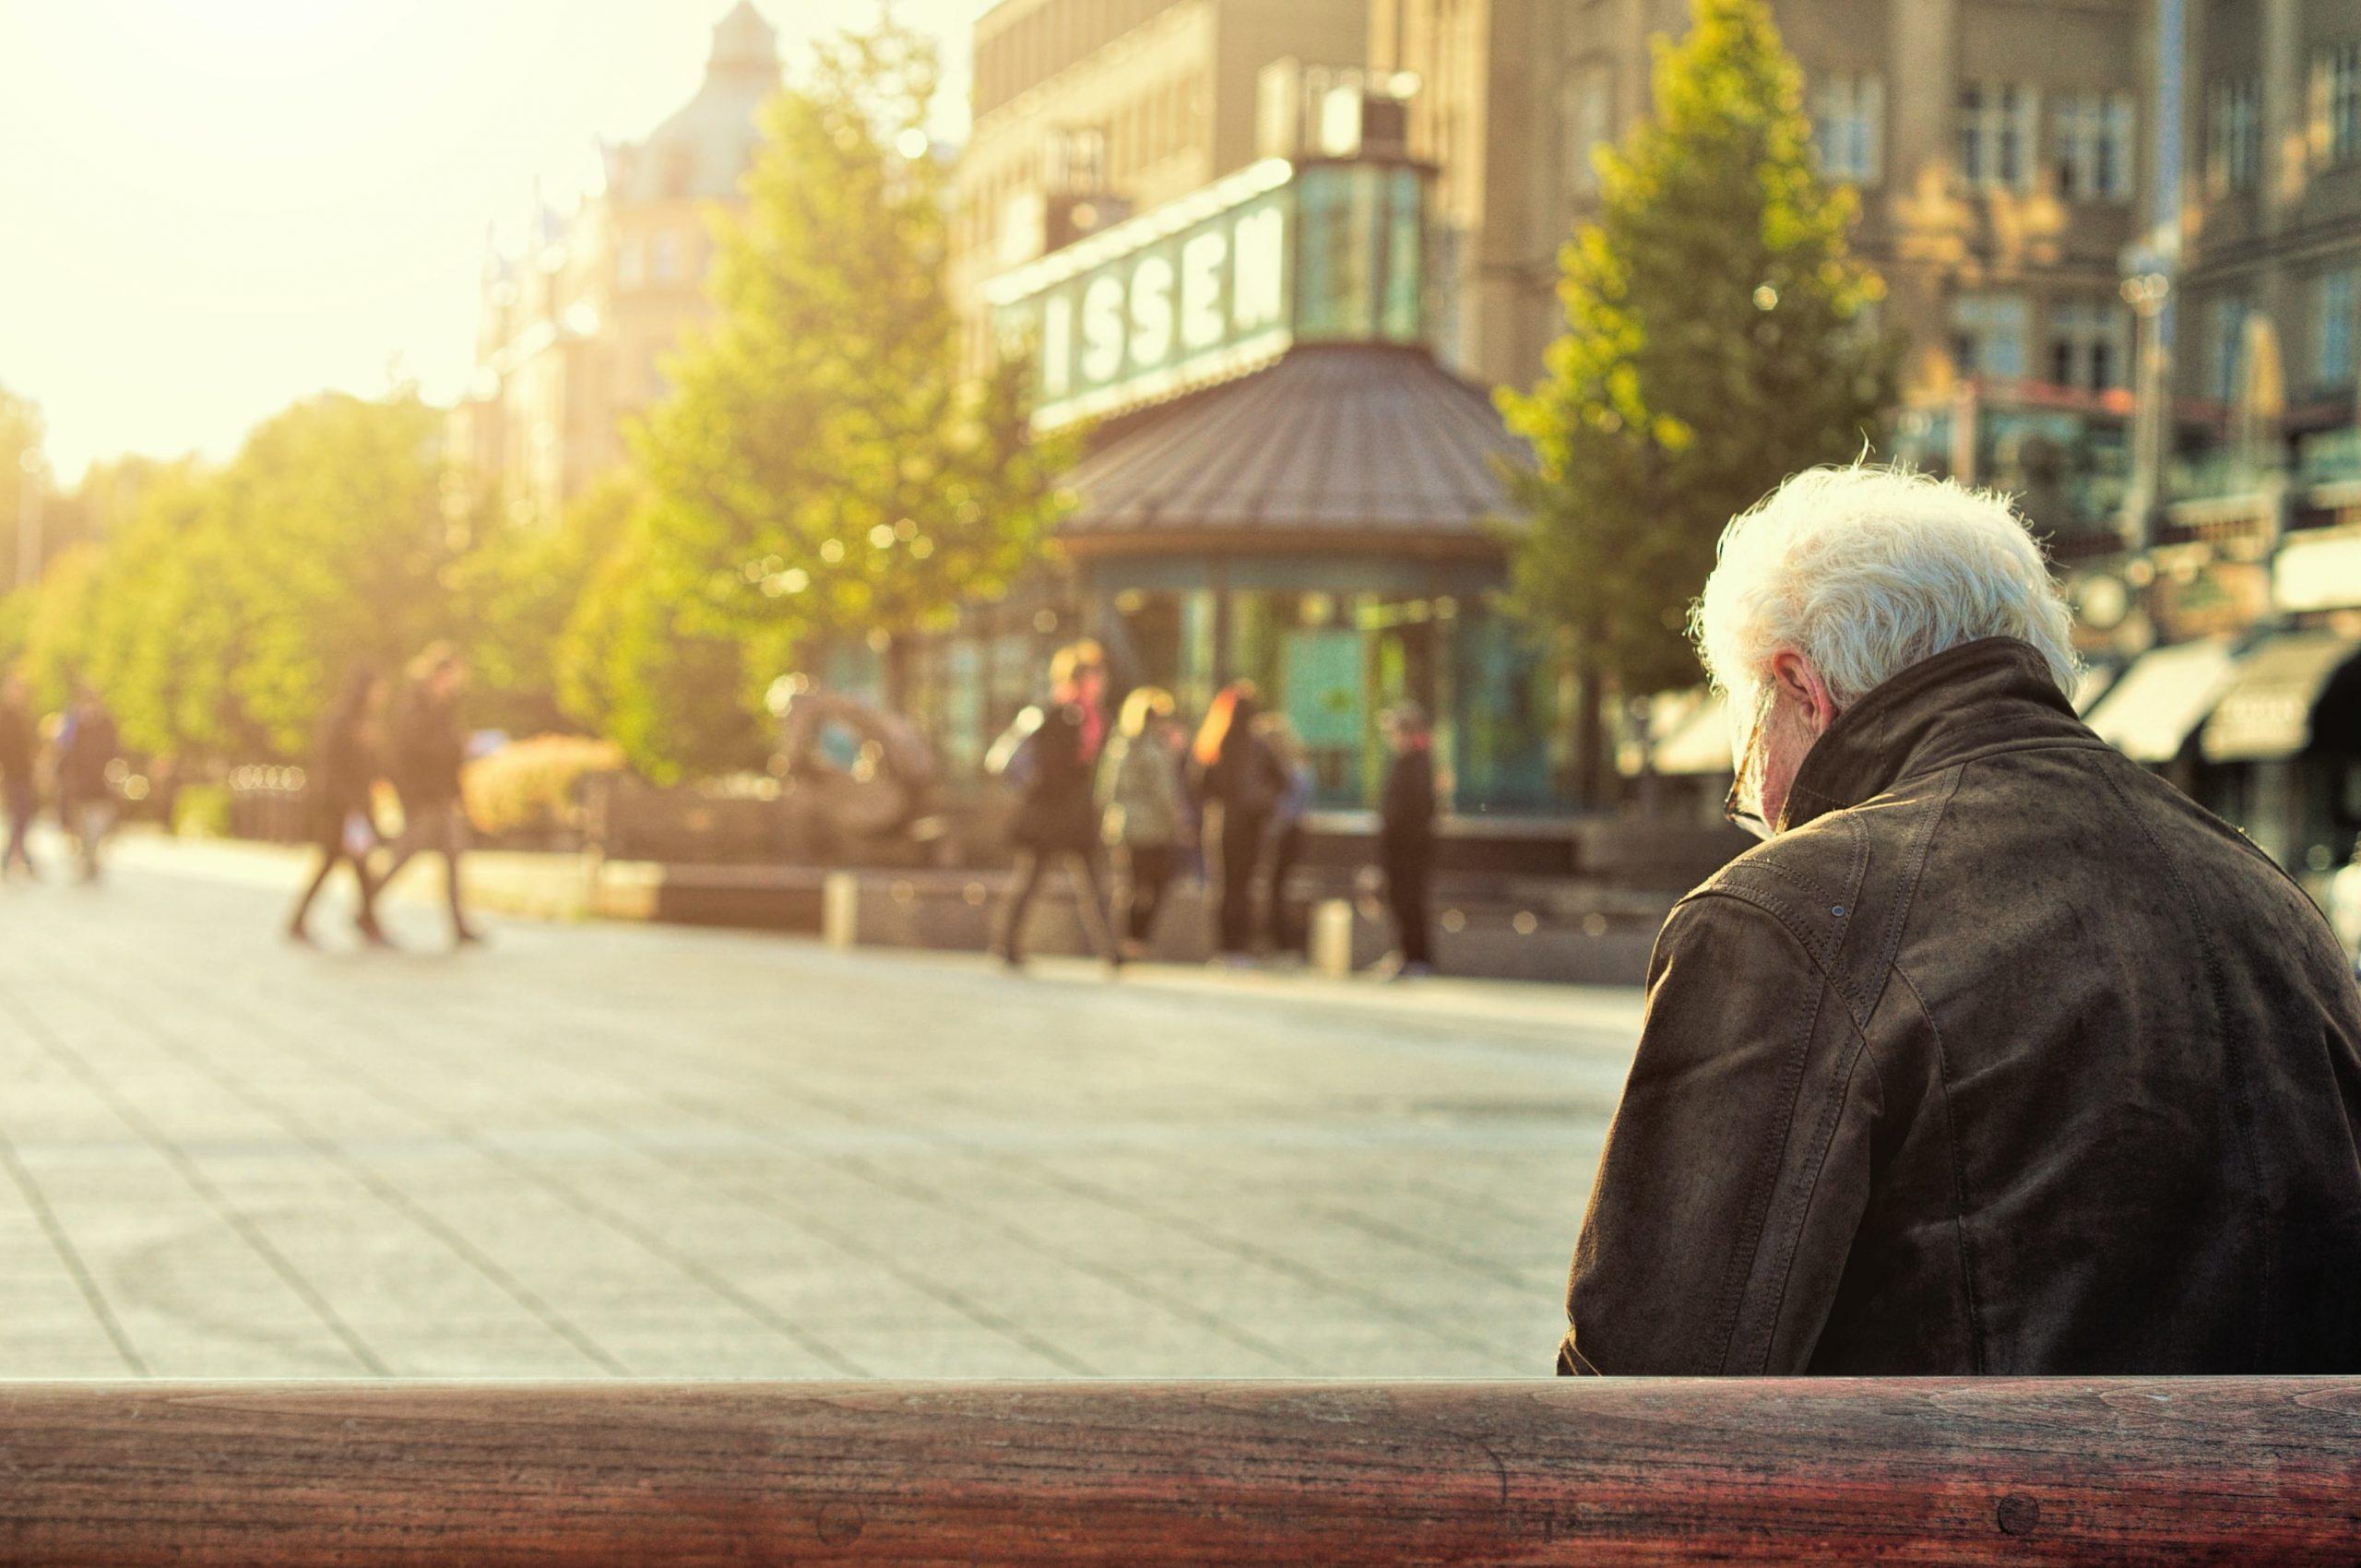 Veste crucială pentru pensionari. Pensia anticipată nu se poate cumula cu salariul. Ce spune Ministrul de Finanțe